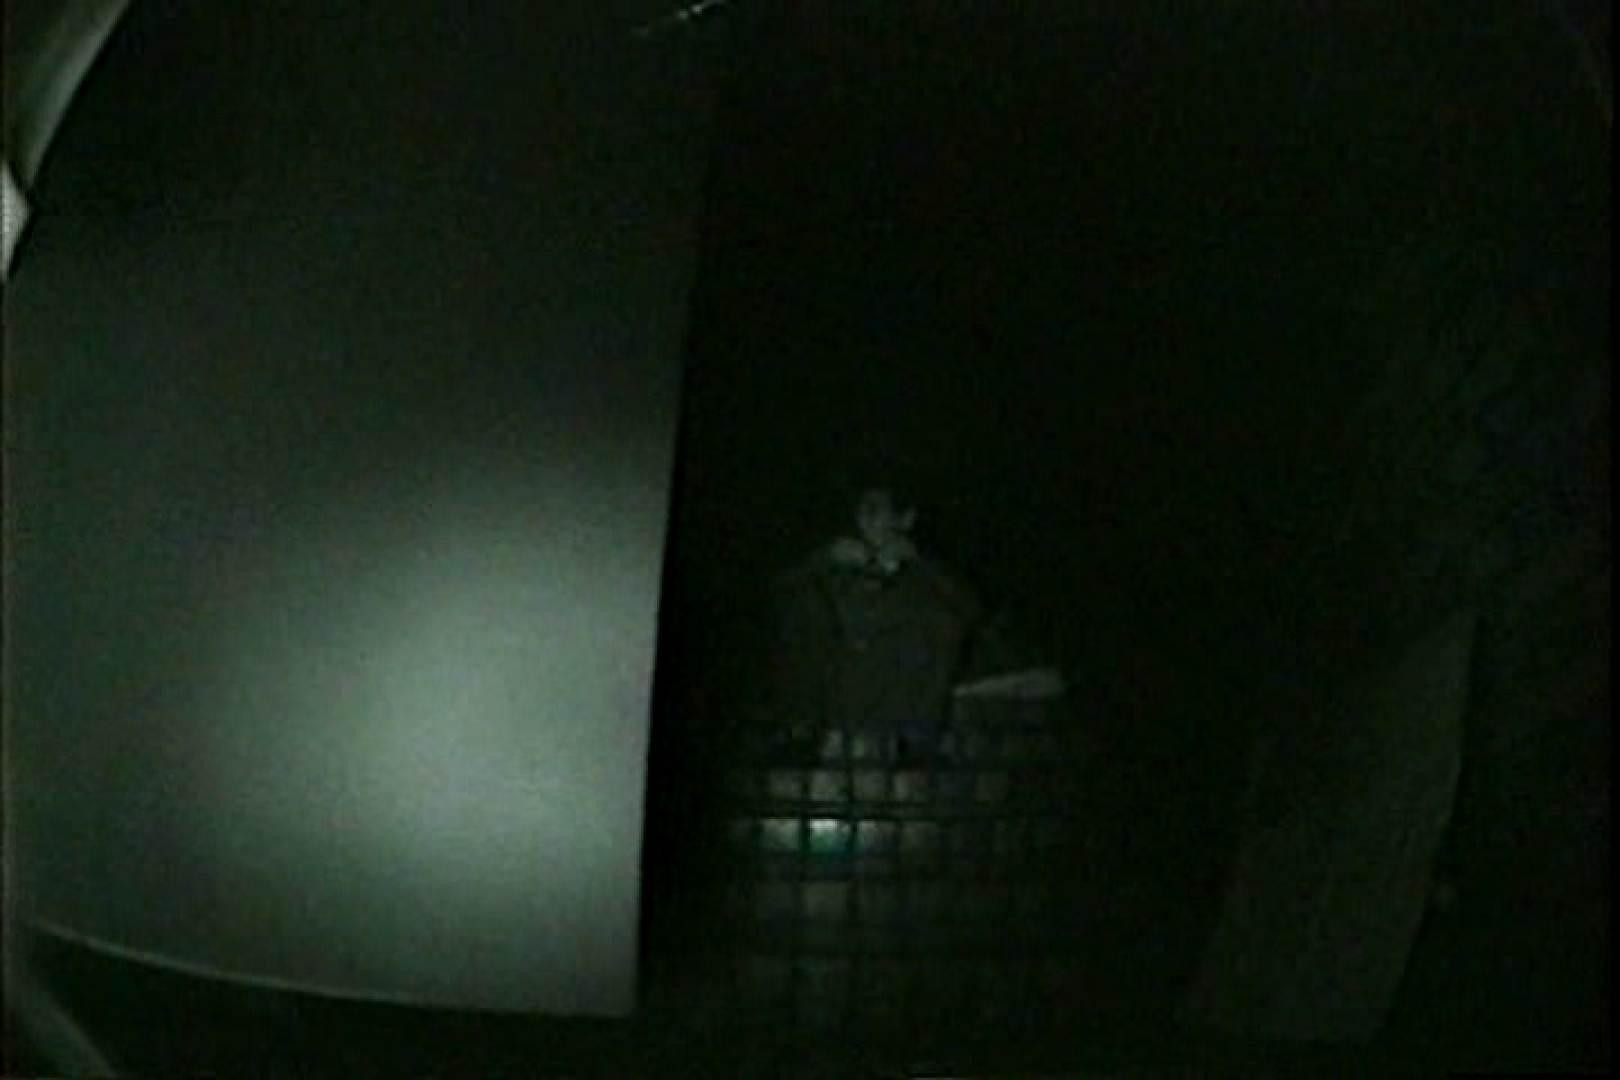 闇の仕掛け人 無修正版 Vol.17 セックス オマンコ動画キャプチャ 75PIX 11